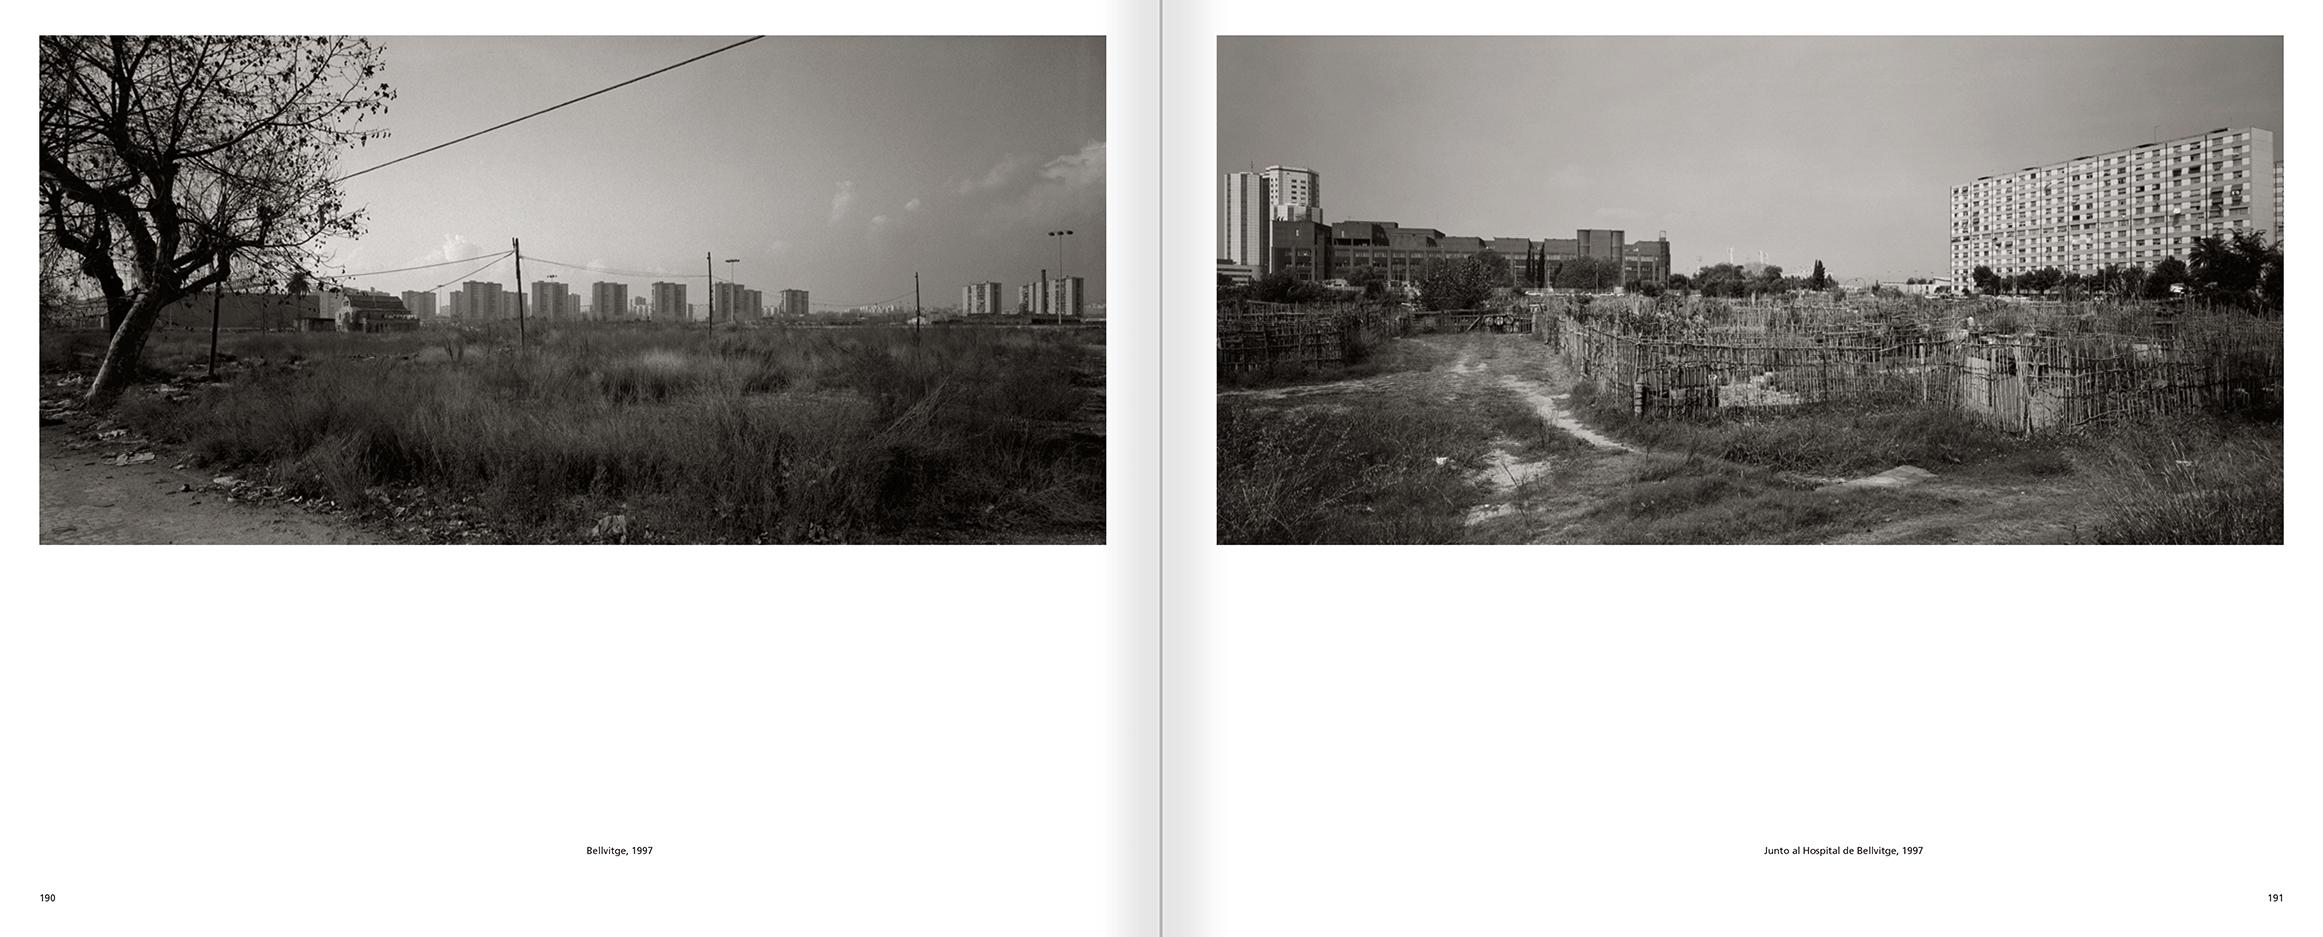 """Selecció del catàleg """"Barcelona 1978-1997. Manolo Laguillo"""" pàgines 190 i 191"""